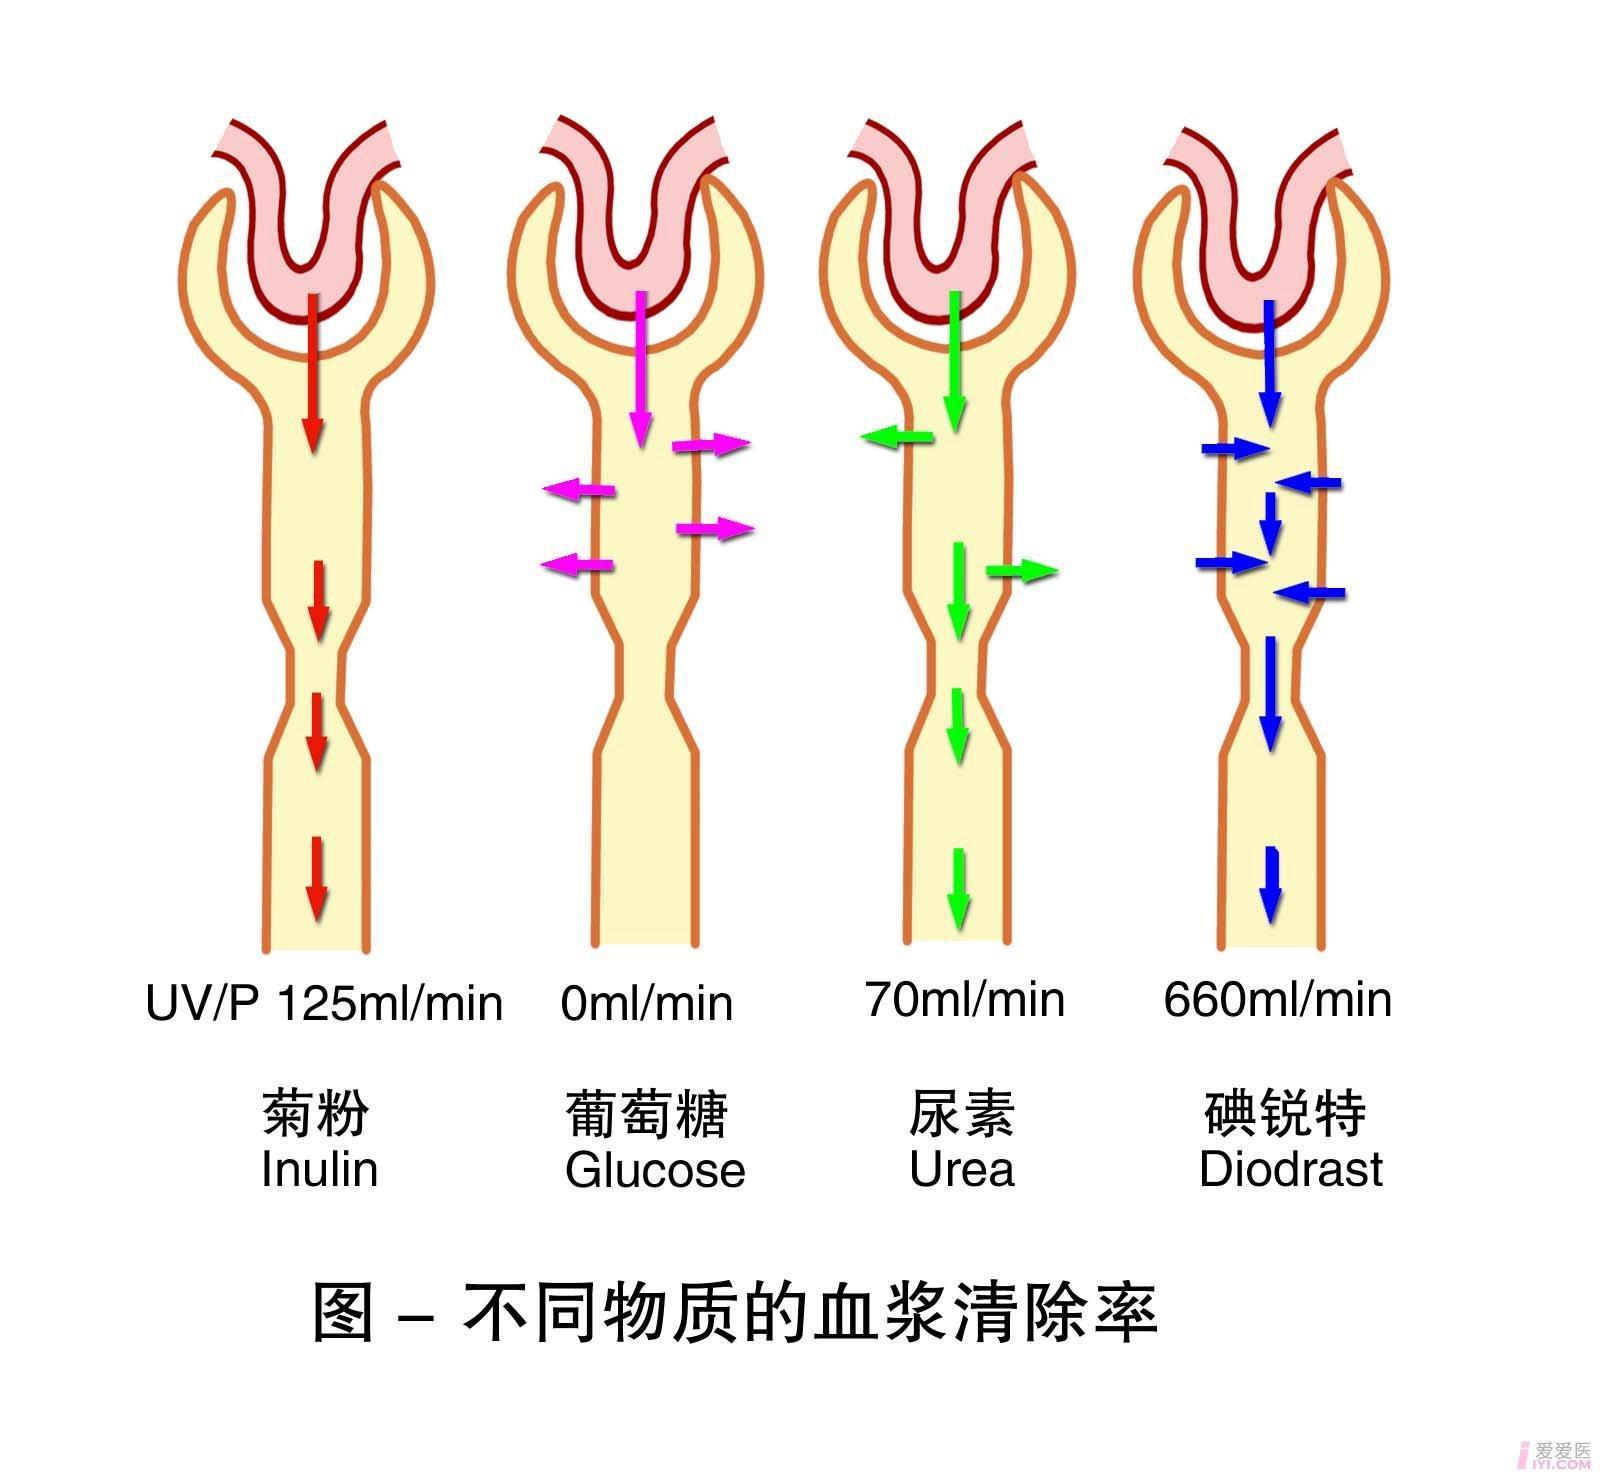 20-不同物质的血浆清除率 .jpg